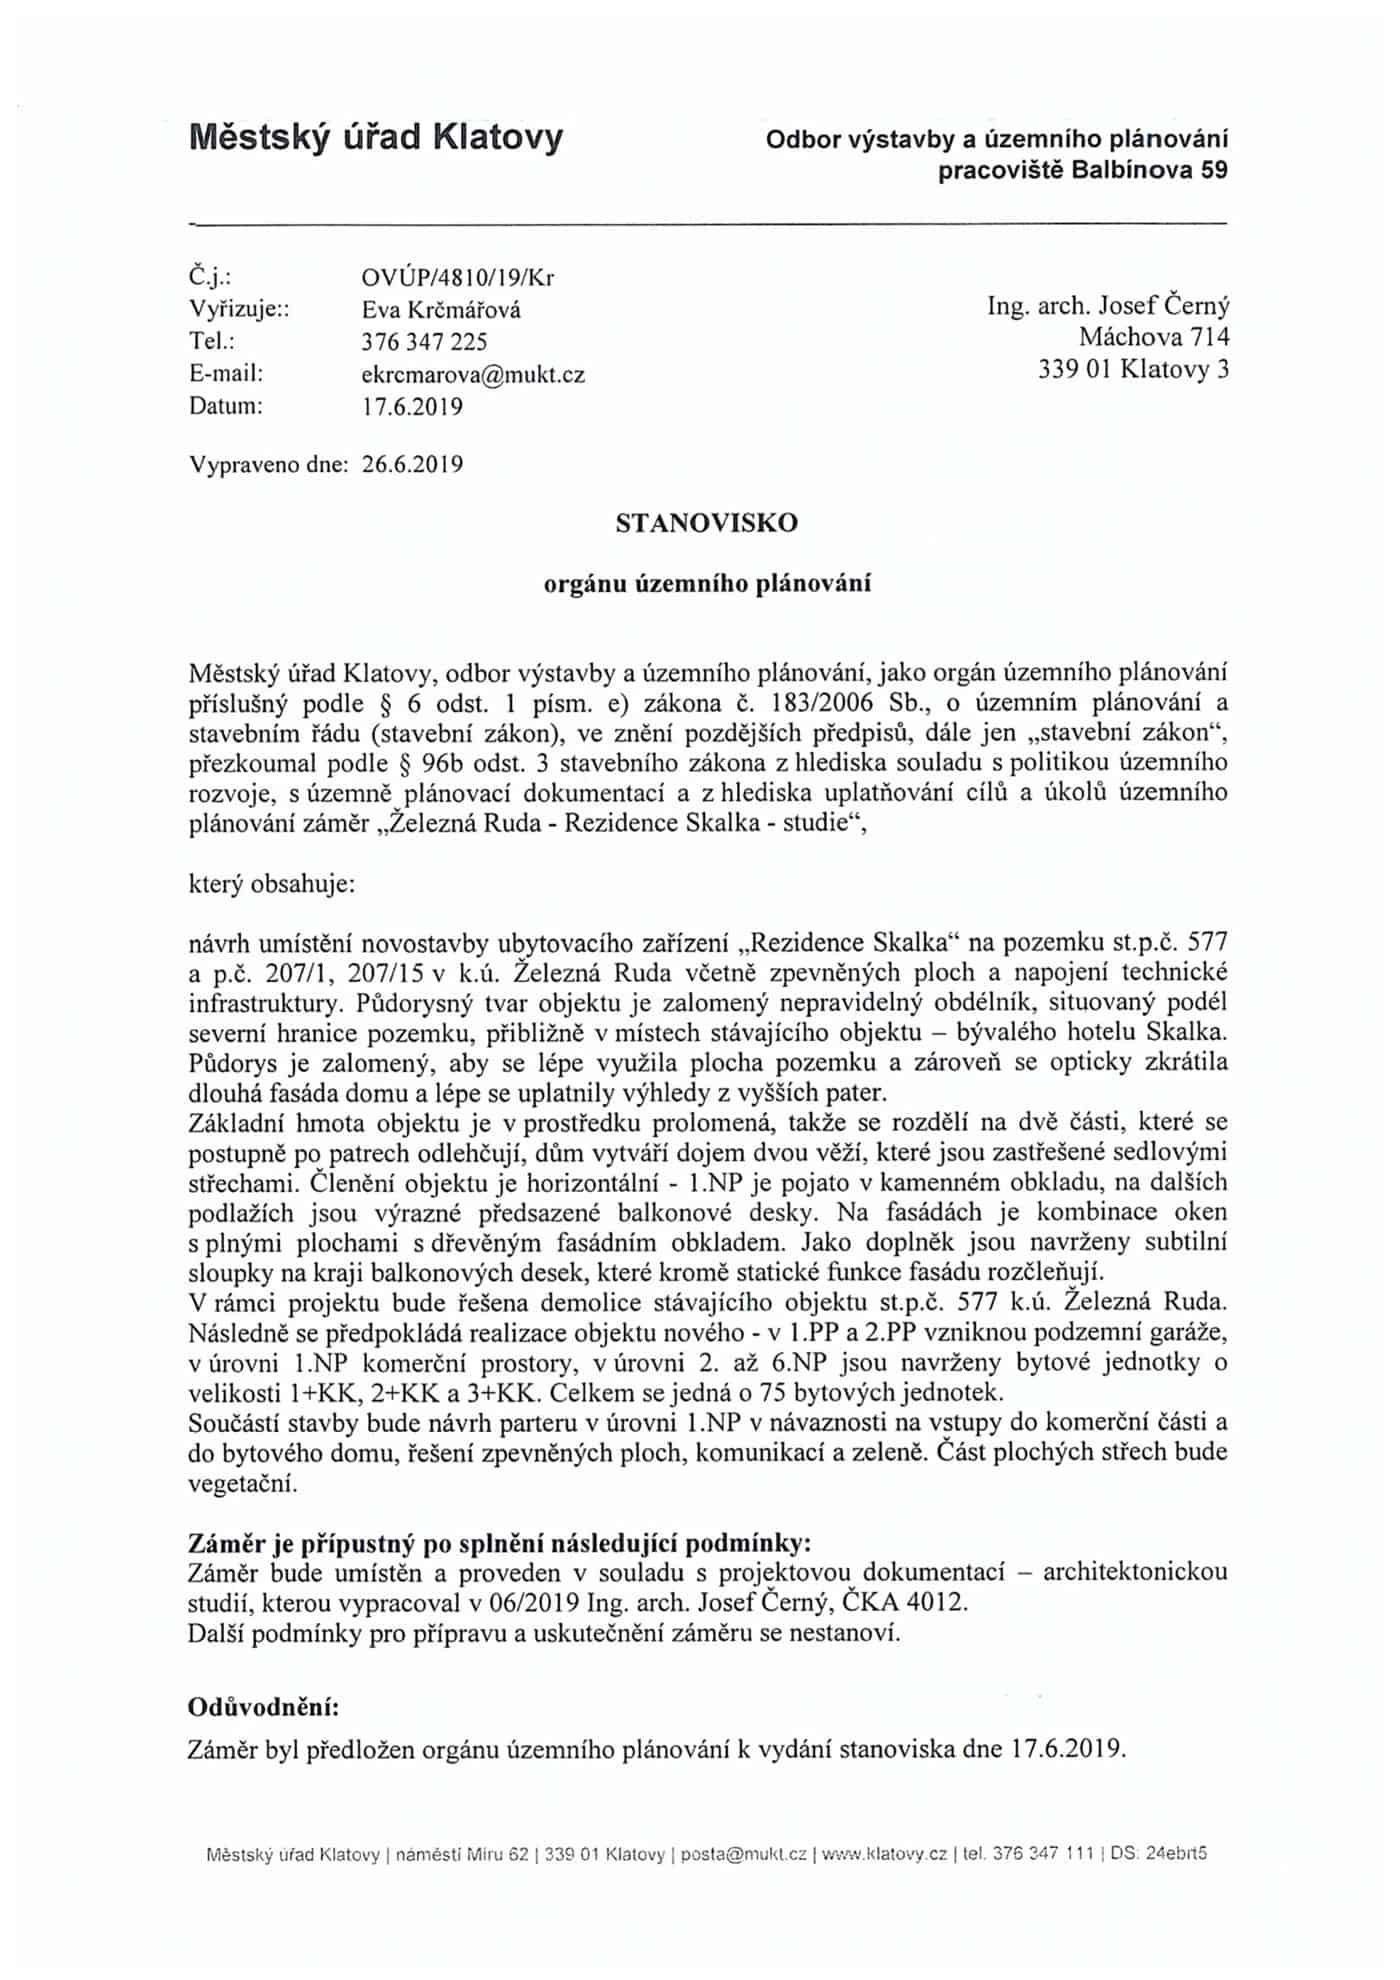 Odbor-vystavby-MU-Klatovy-vyjadreni-Rezidence-Skalka-cerven-2019-1